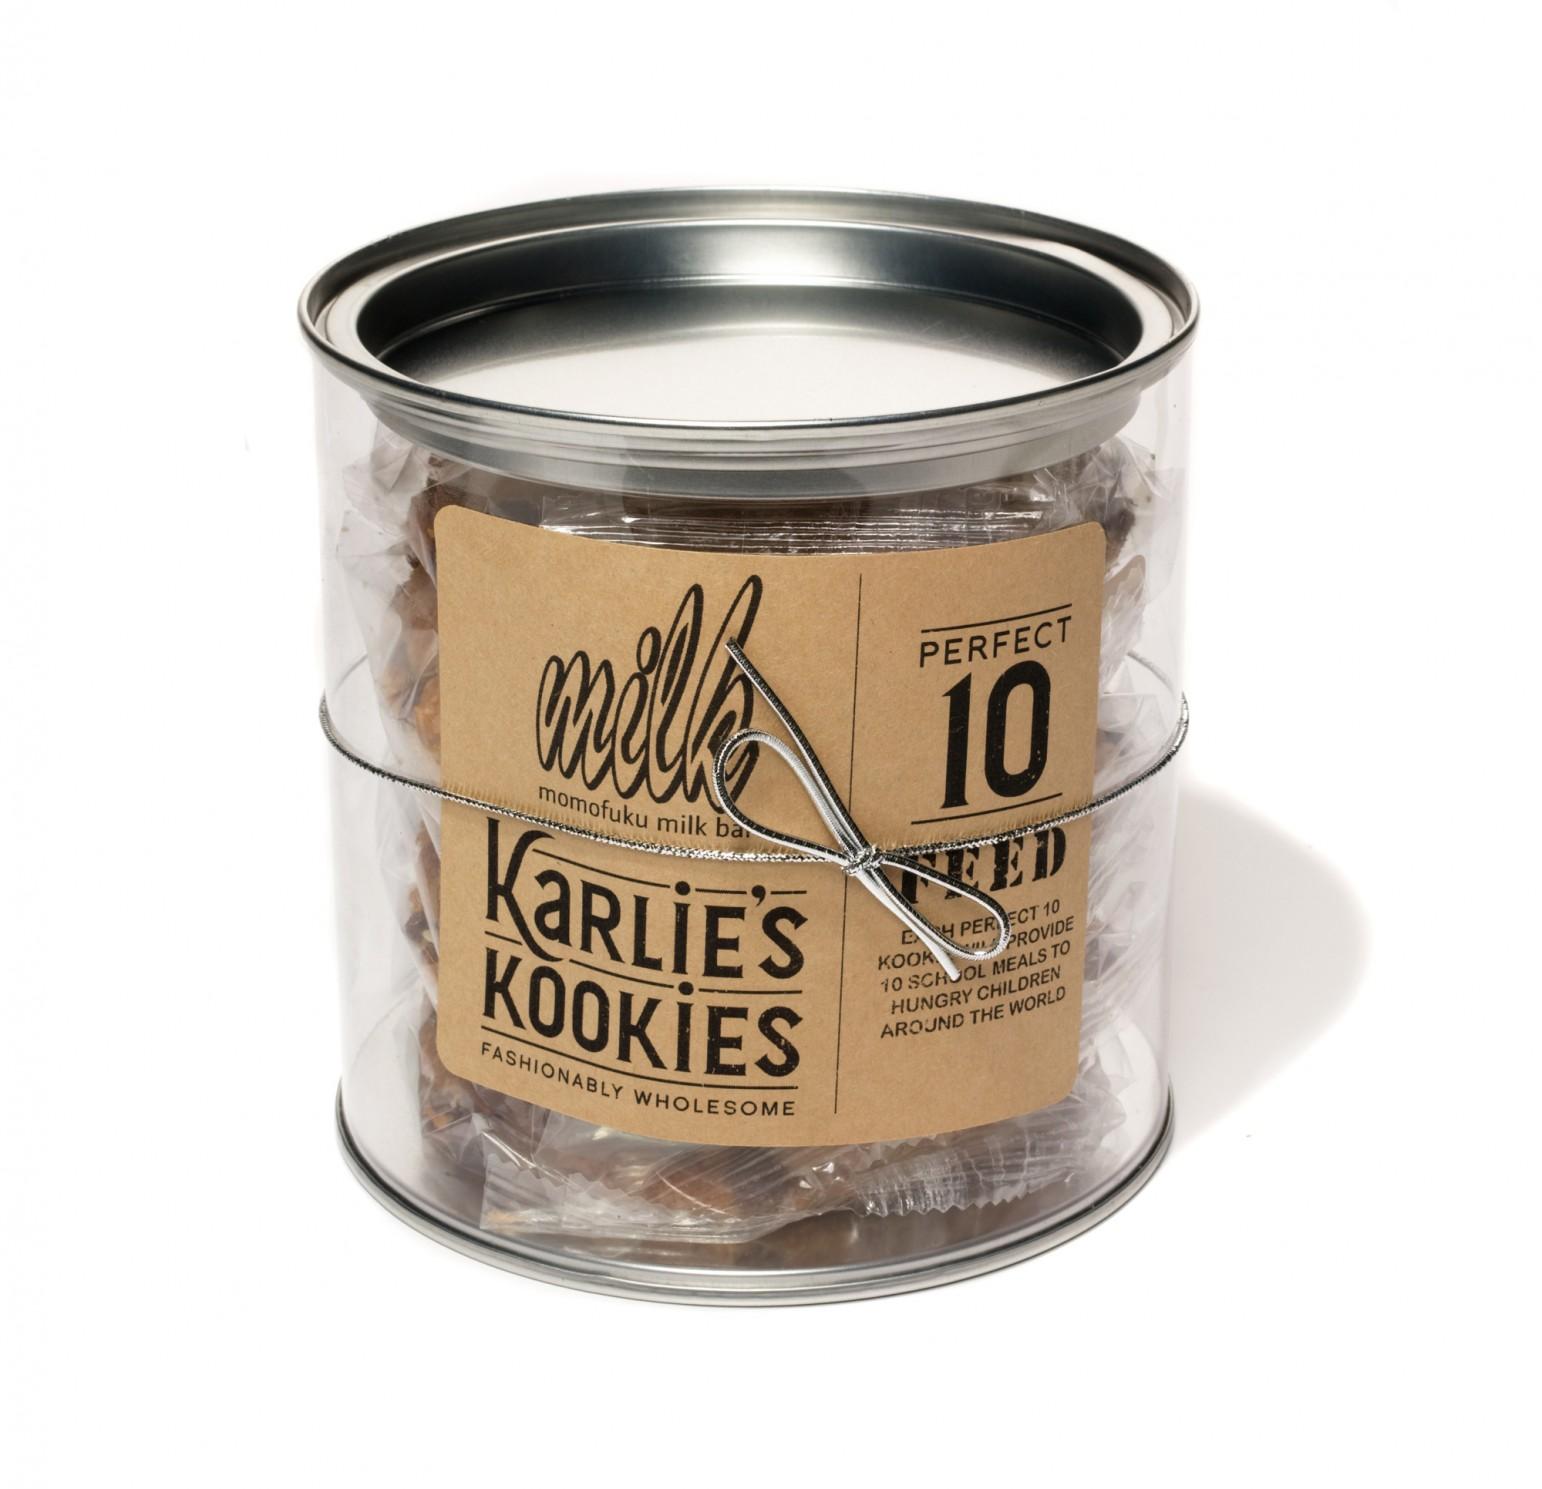 karlie-kloss-cookies-1542x1489